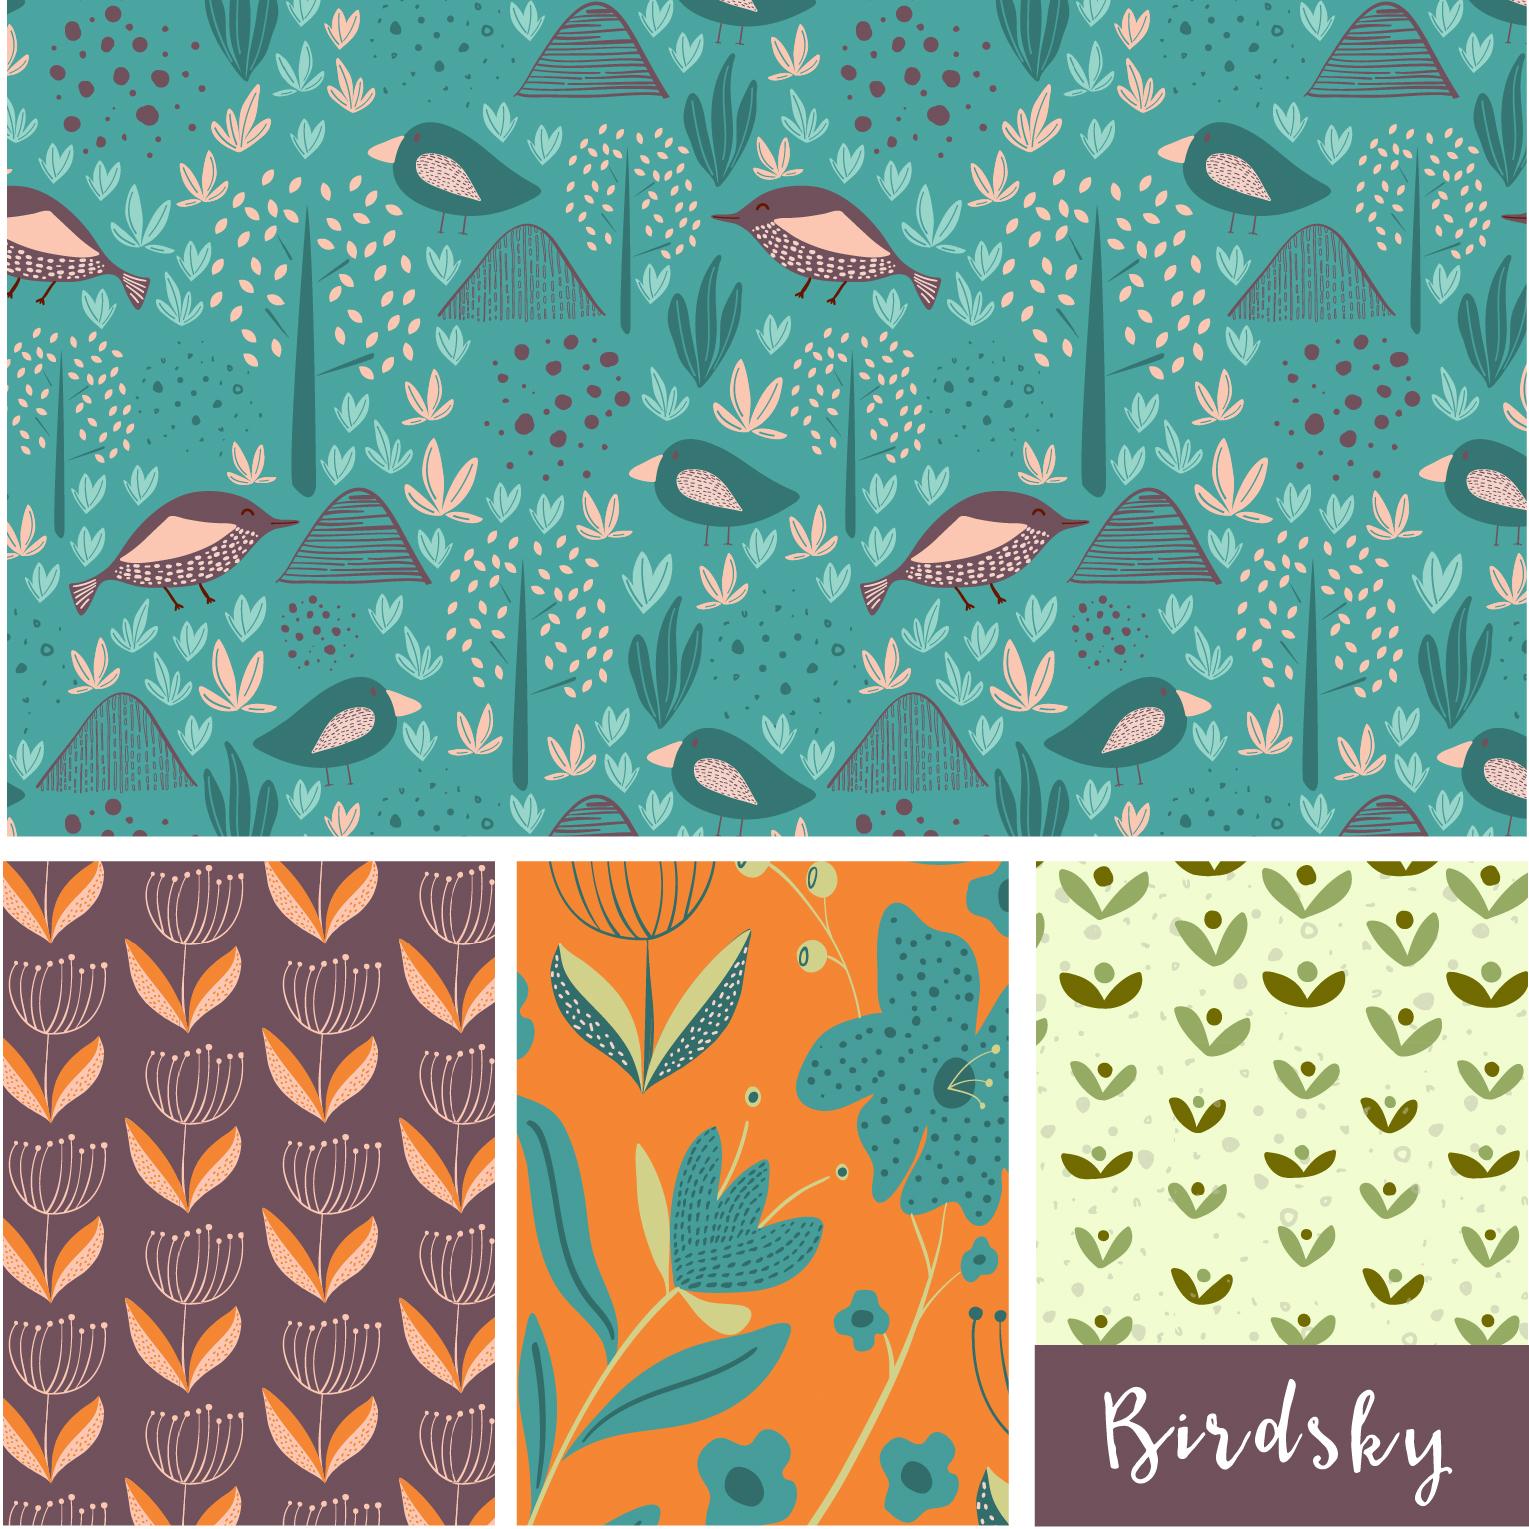 birdsky patterns.jpg